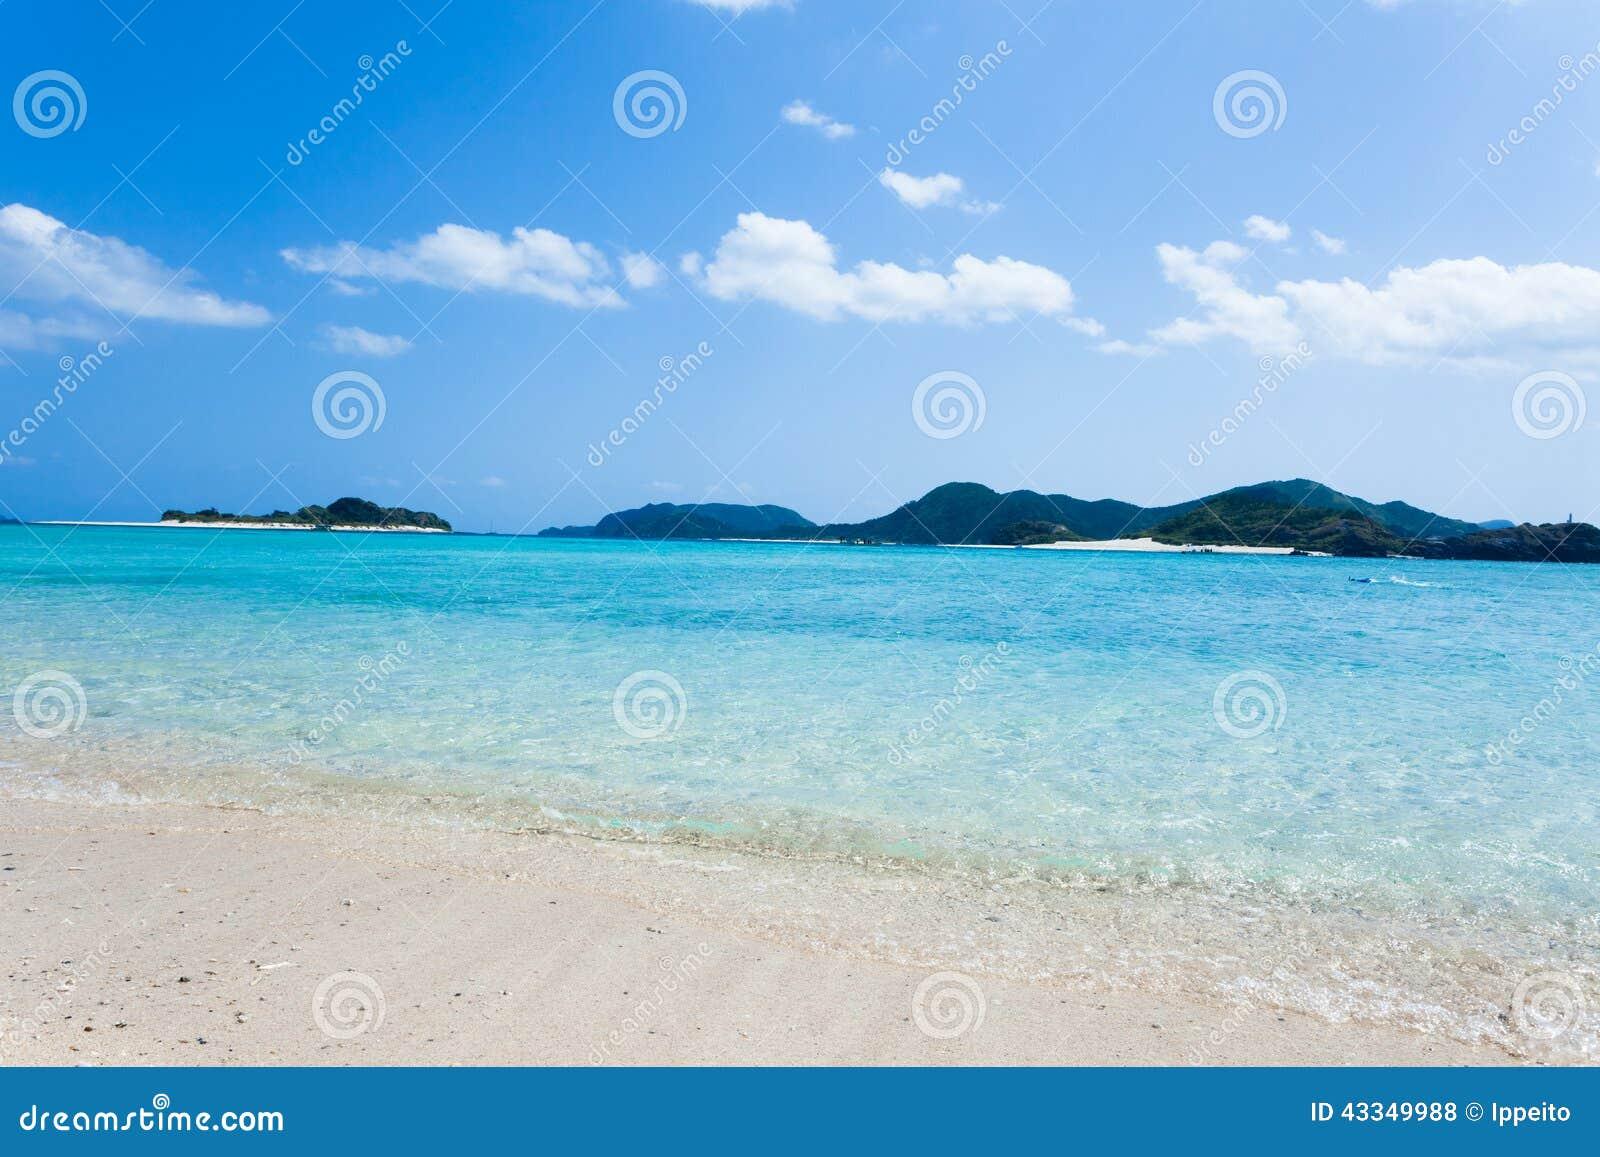 Sunset Beach Water Park Okinawa